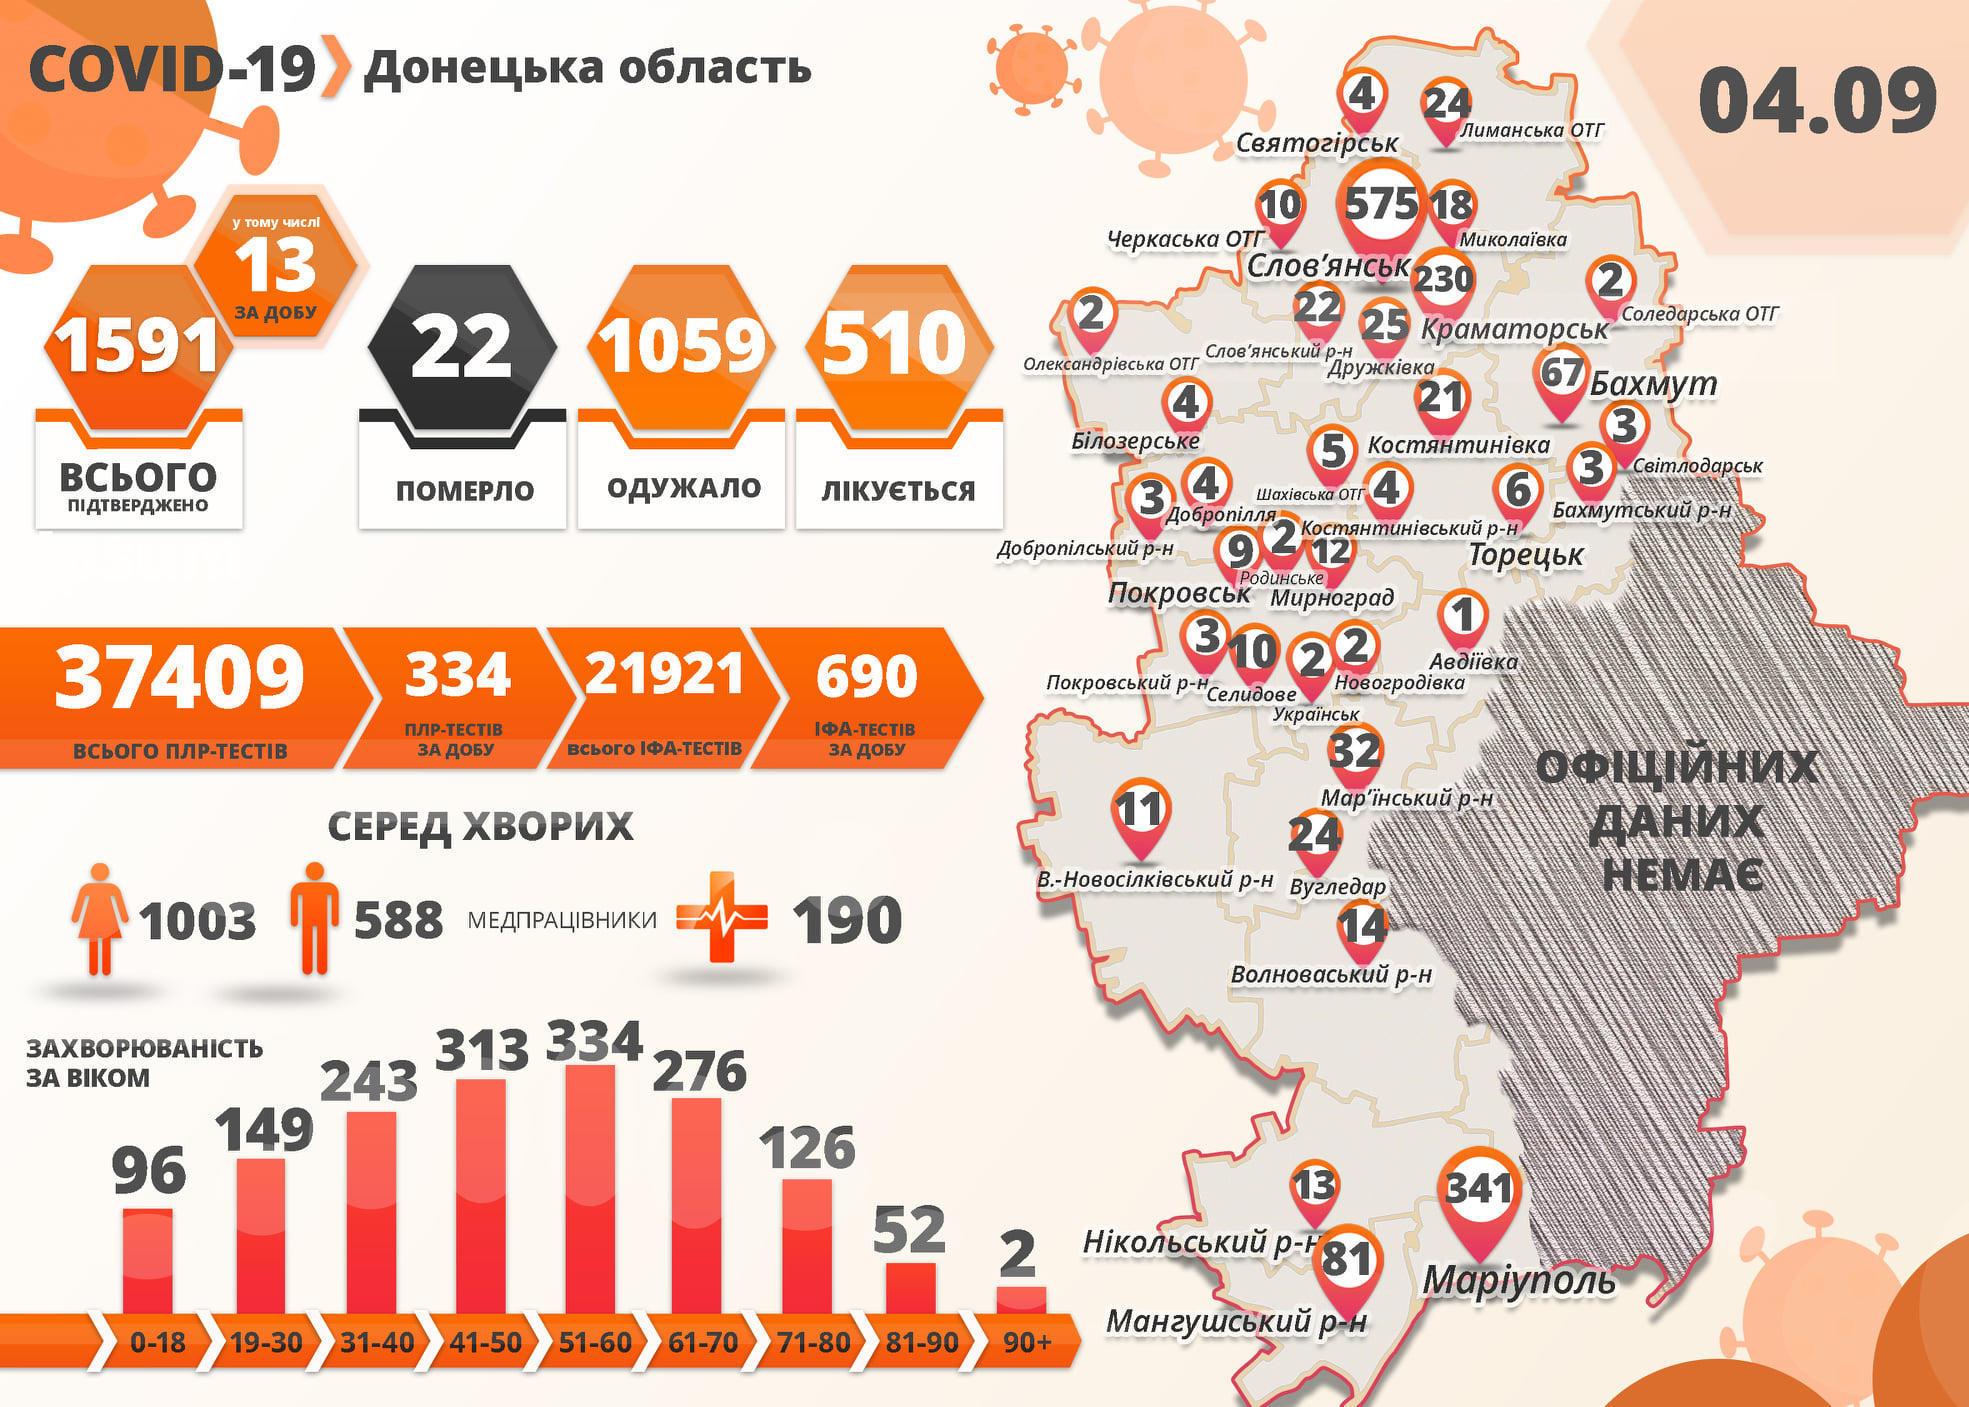 В Донецкой области за сутки выявили 13 человек с COVID-19, из них 2 – бахмутчане